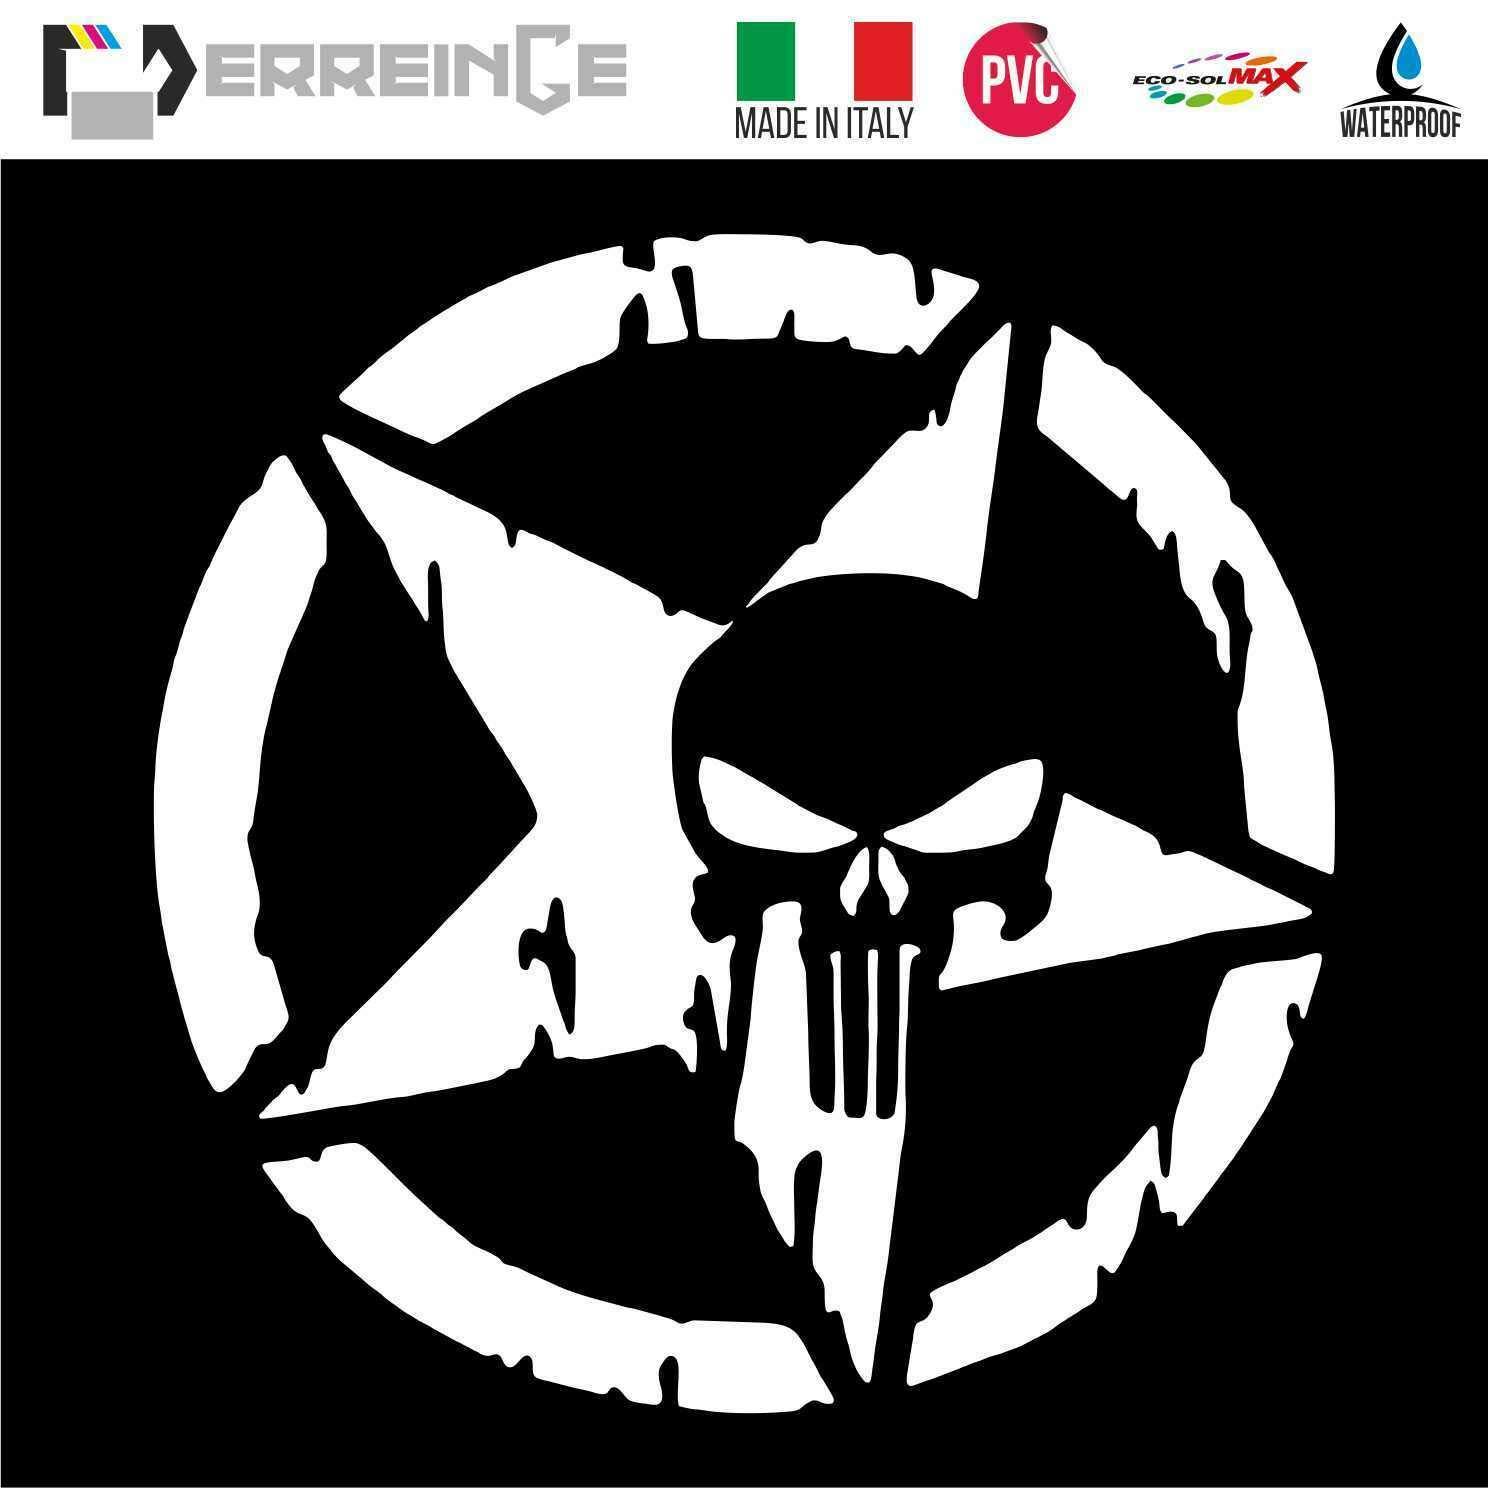 cm 15 ERREINGE Sticker PUNISHER /ÉTOILE MILITAIRE ARMY ARGENT Autocollant pr/éd/écoup/é in PVC pour D/écalcomanie Muraux Voiture Moto Casque Campeur Portable Scooter